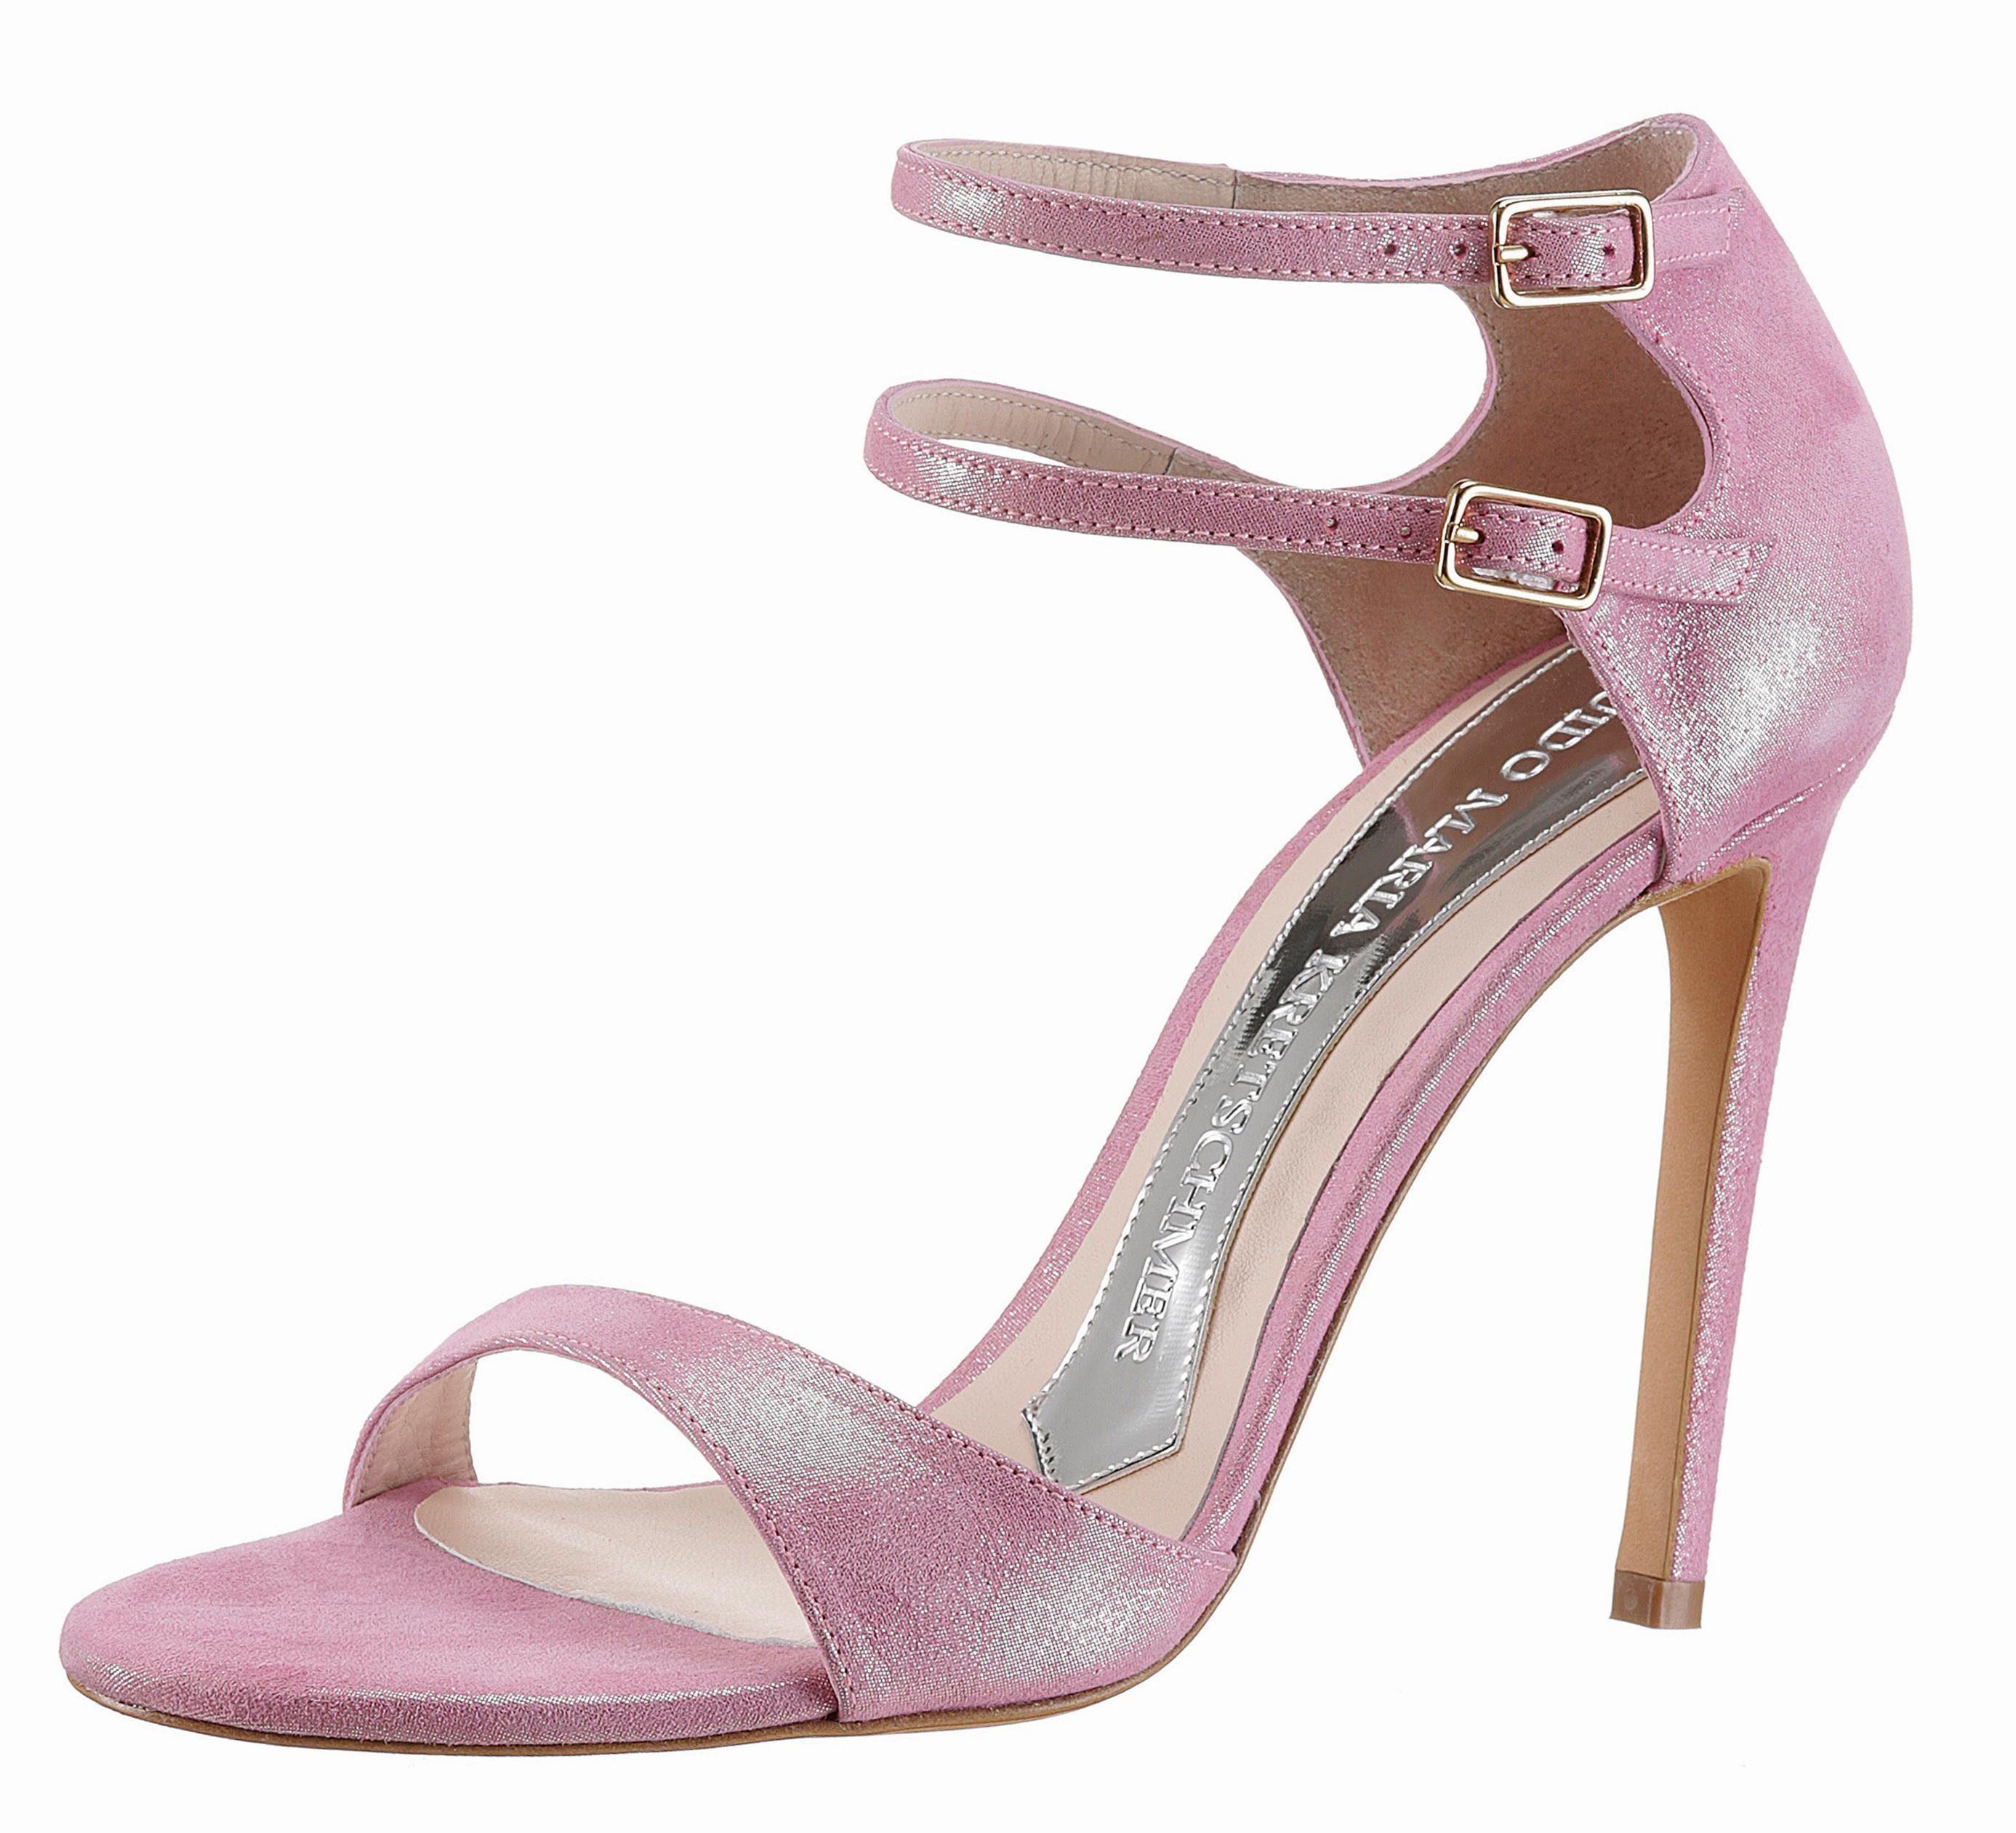 GUIDO MARIA KRETSCHMER Sandalette, in festlicher Metallicoptik online kaufen  rosa